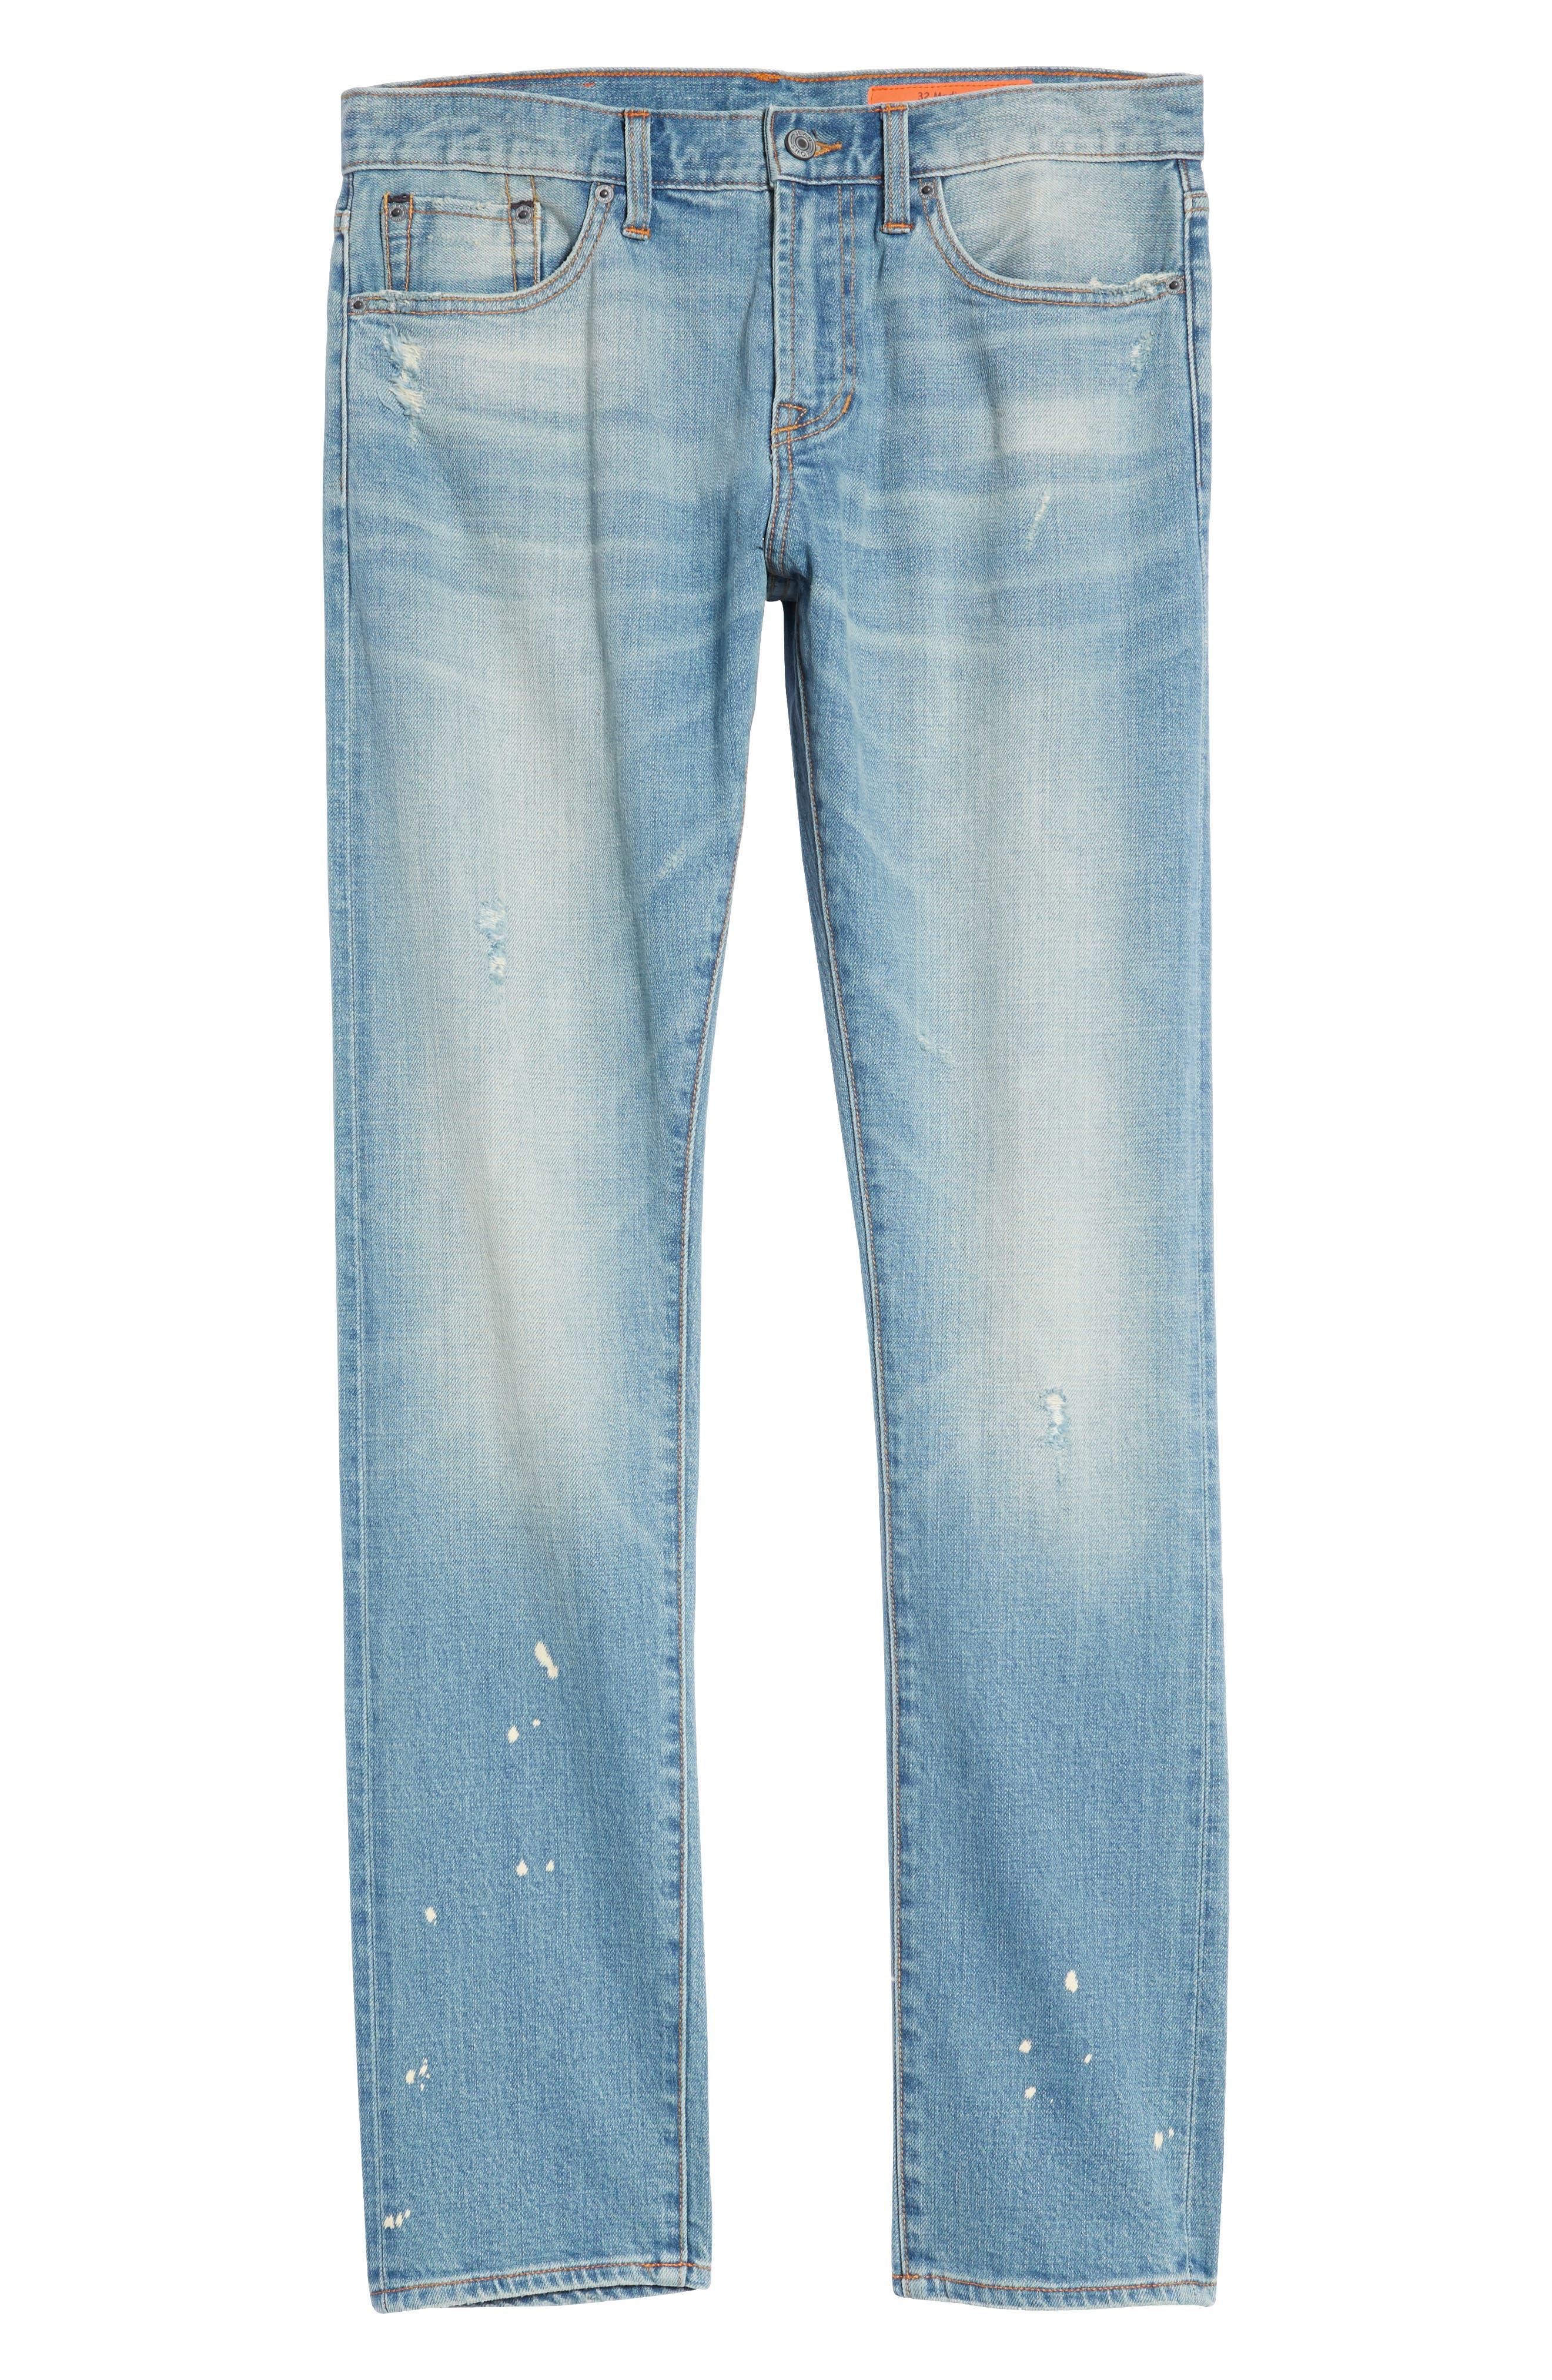 Jim Slim Fit Jeans,                             Alternate thumbnail 6, color,                             HOLLIS